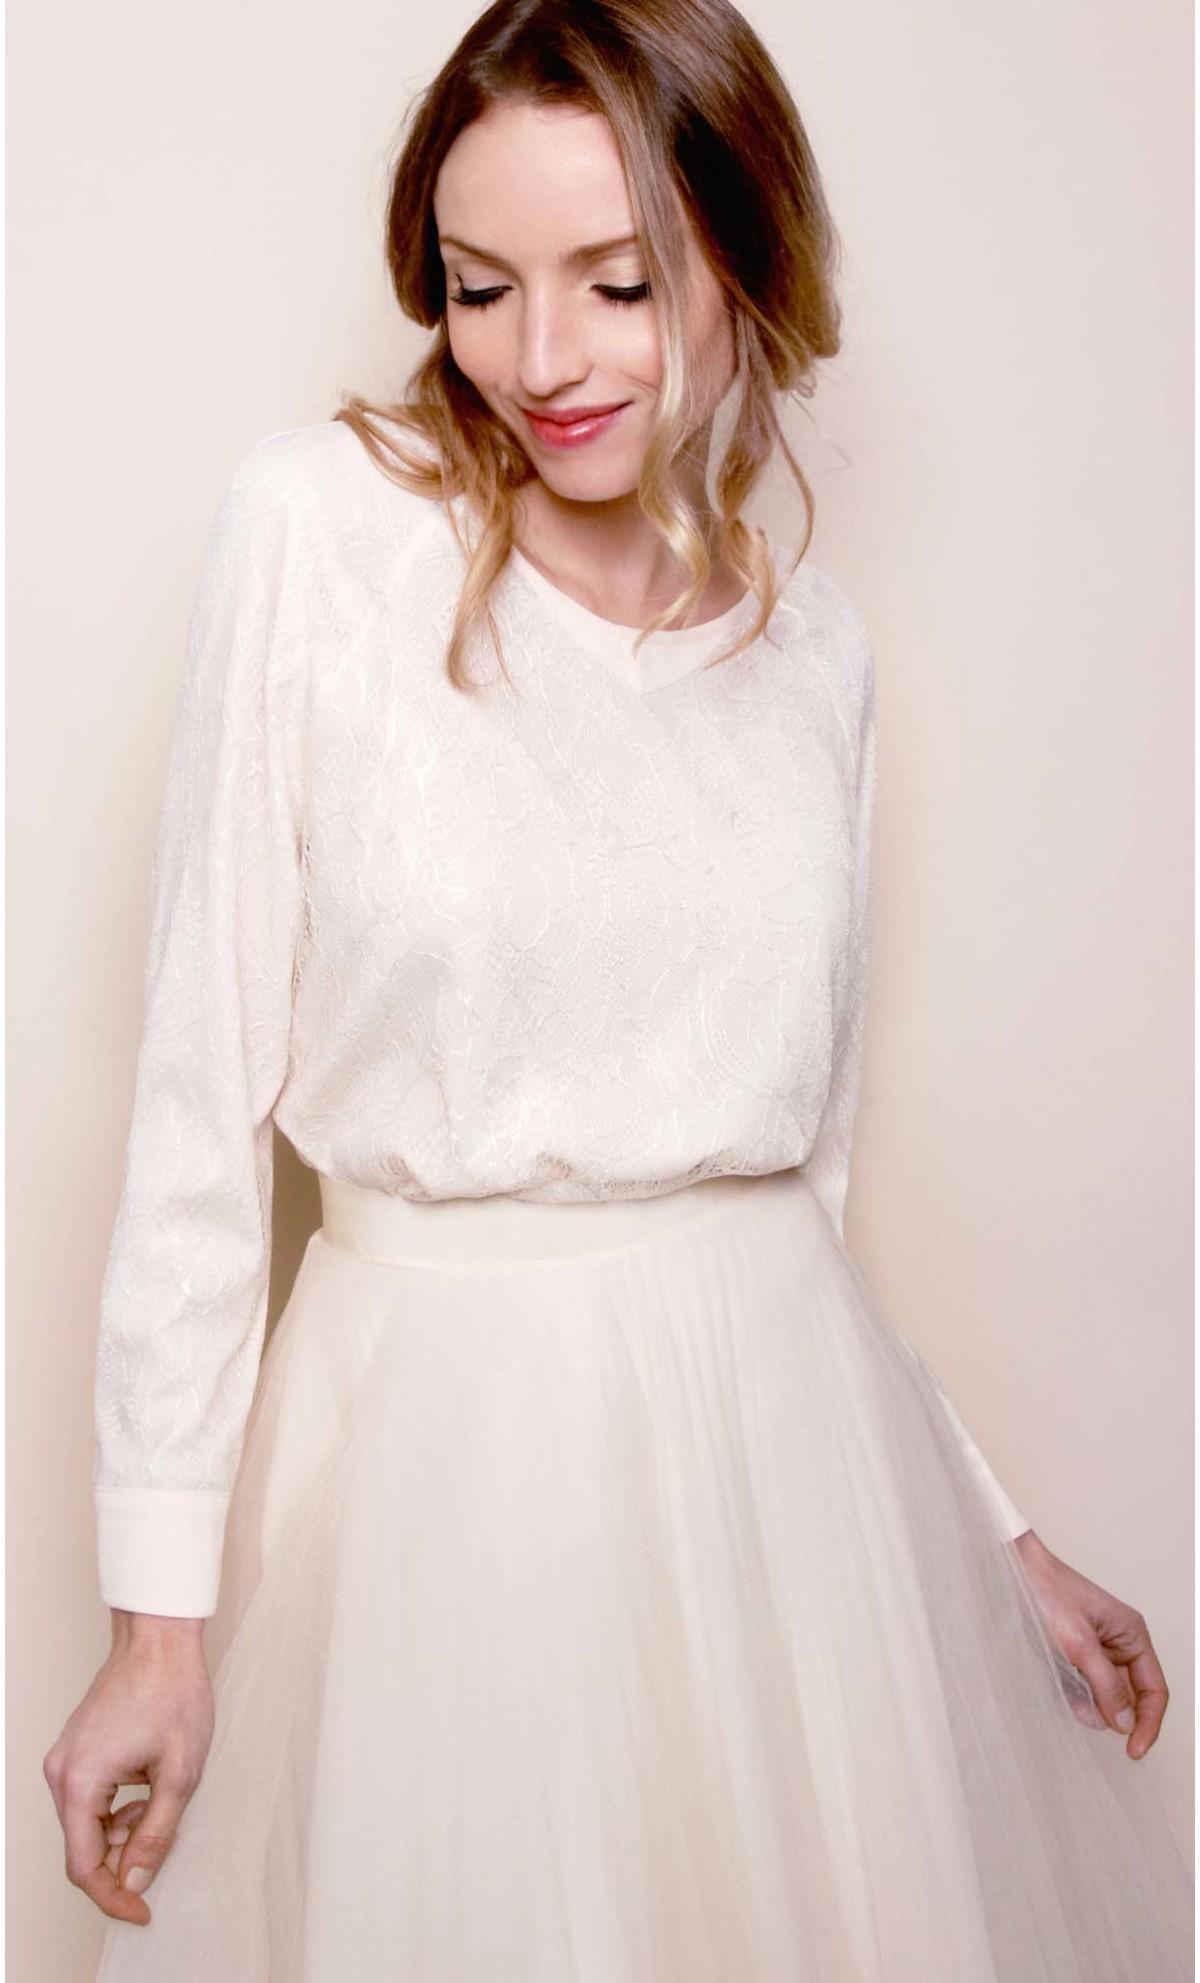 Préféré Une tenue de mariage civil - La boutique de Maud AS91